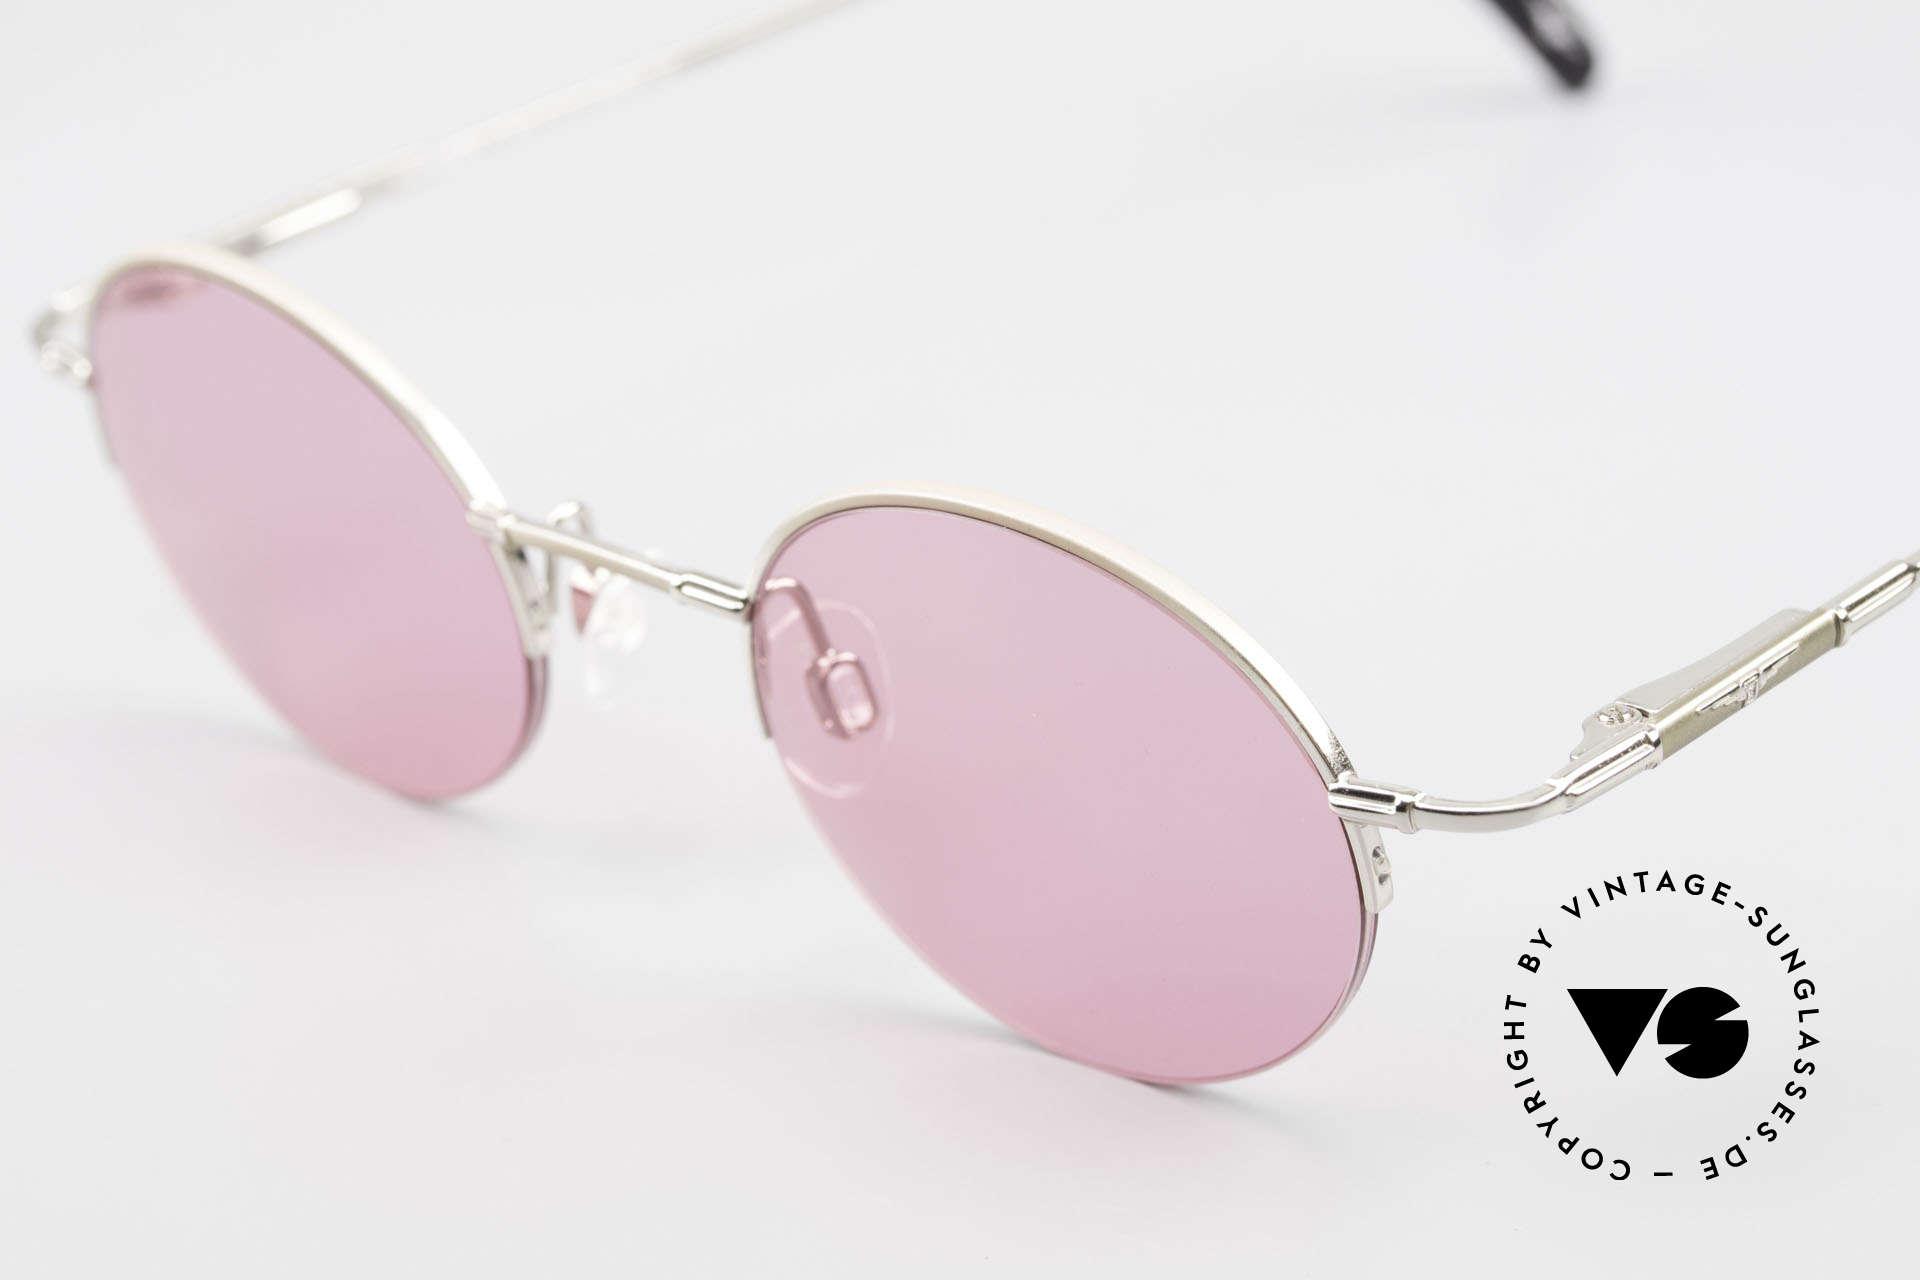 Longines 4363 Pinke Sonnenbrille 90er Oval, ein zeitloses altes Original in Kooperation mit Metzler, Passend für Herren und Damen